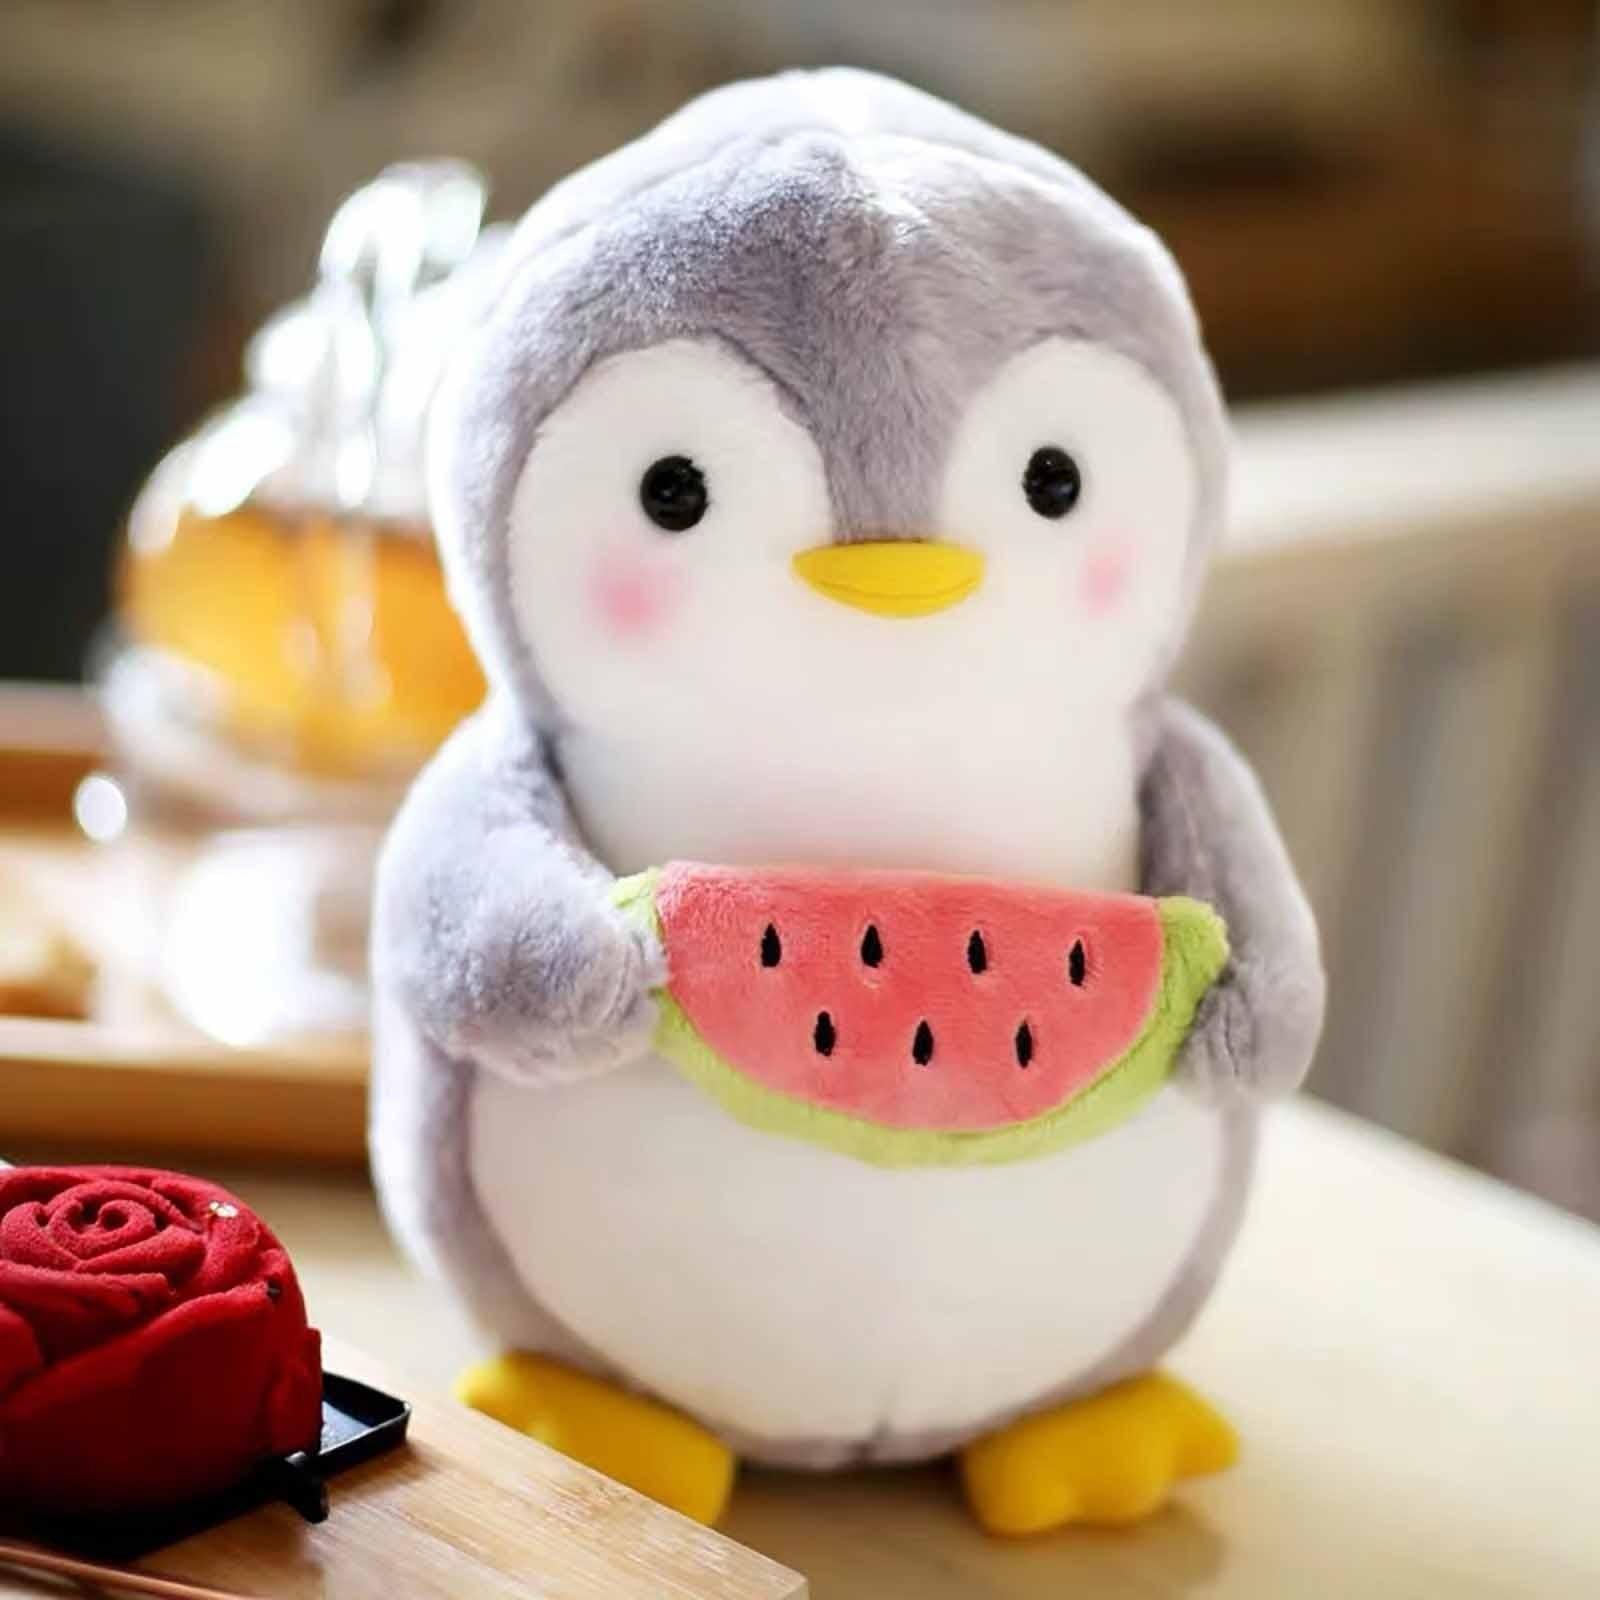 printio поцелуи Новые милые и теплые поцелуи Kawaii Пингвин спящие поцелуи поп поцелуи животные поцелуи для детей подарки на день рождения